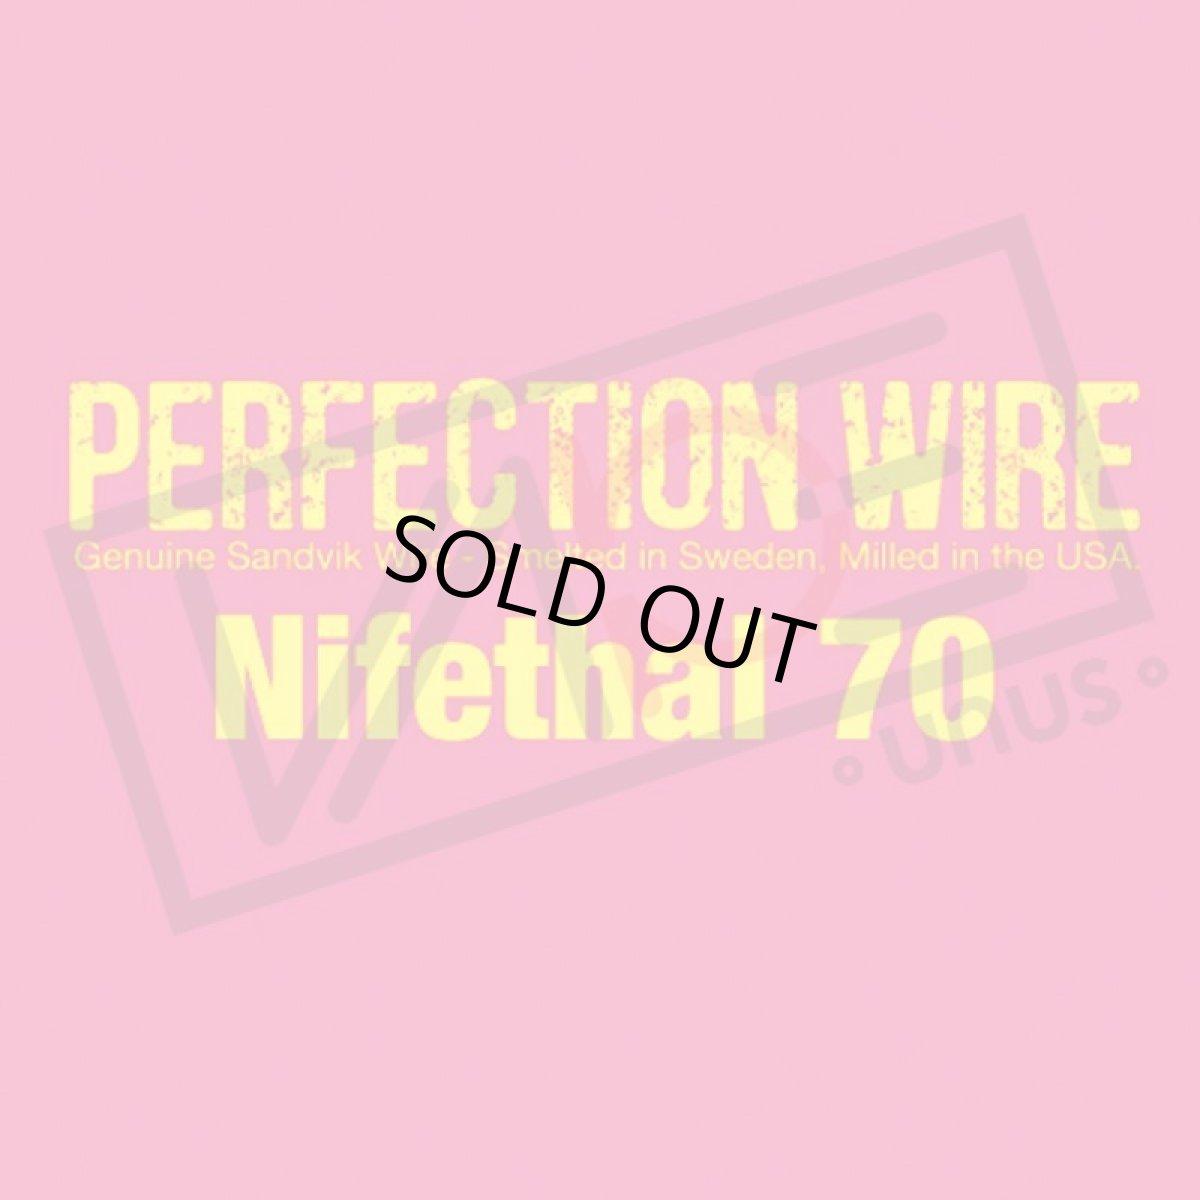 画像1: Nifethal 70 / PERFECTION WIRE 30ft (10m) ビルド用ワイヤー Wire ビルド 電子タバコ vape (1)